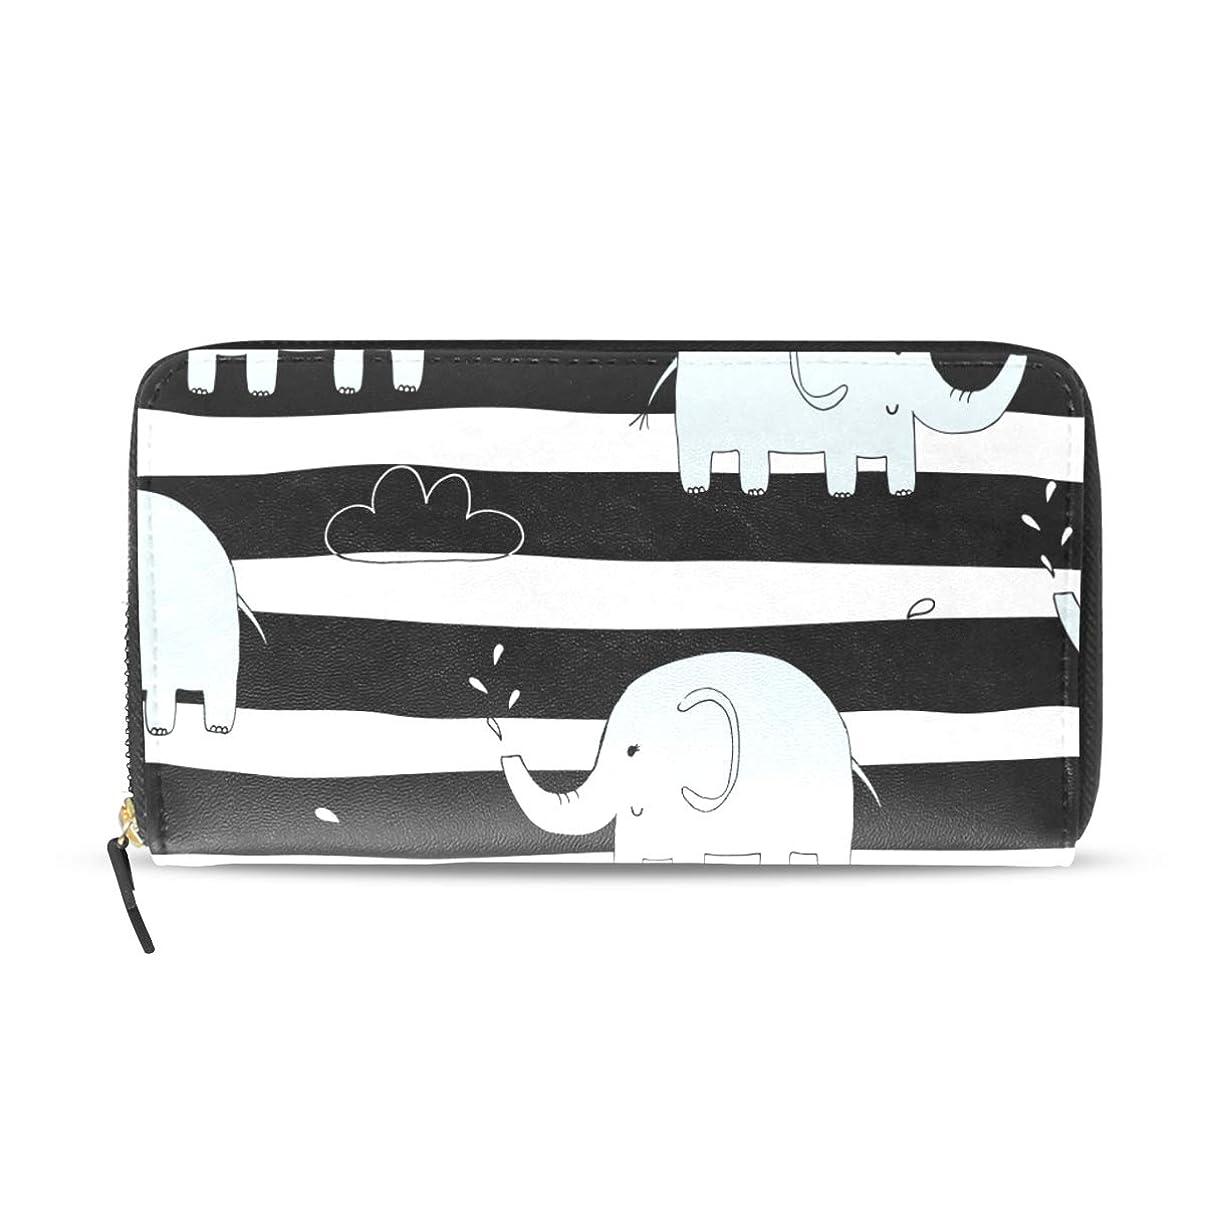 東放置セクション旅立の店 長財布 人気 レディース メンズ 大容量多機能 二つ折り ラウンドファスナー PUレザー 可愛い 小象柄 白黒の縞 ウォレット ブラック